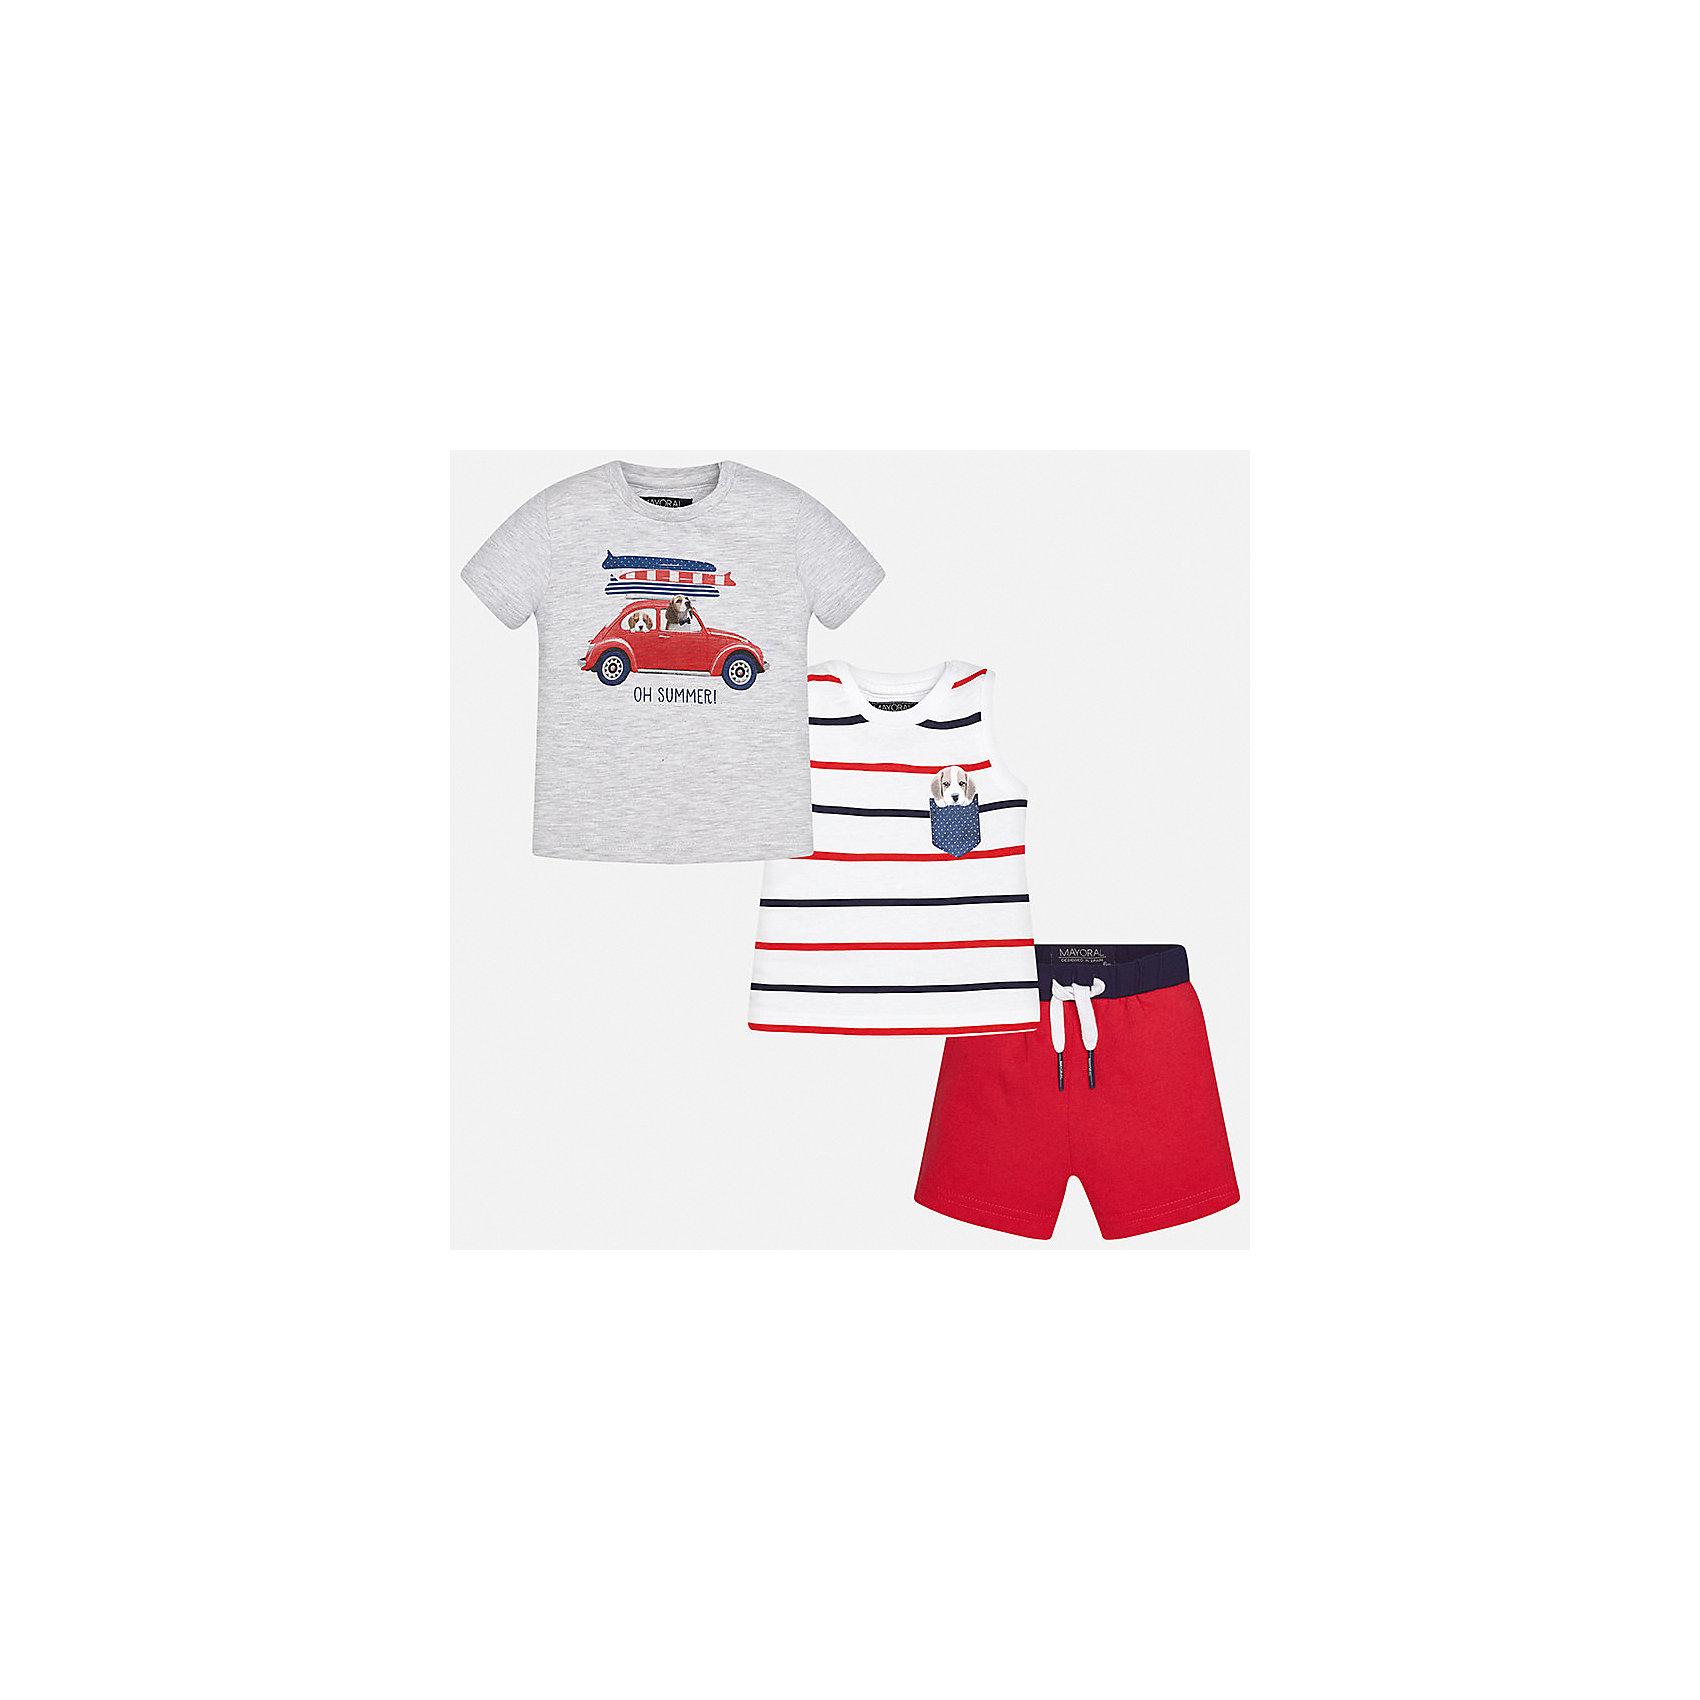 Комплект: футболка, майка и шорты для мальчика MayoralКомплекты<br>Характеристики товара:<br><br>• цвет: серый/белый/красный<br>• состав: 100% хлопок<br>• комплектация: футболка, майка, шорты<br>• футболка декорирована принтом<br>• короткие рукава<br>• в поясе шнурок<br>• страна бренда: Испания<br><br>Красивый качественный комплект для мальчика поможет разнообразить гардероб ребенка и удобно одеться в теплую погоду. Он отлично сочетается с другими предметами. В составе материала - только натуральный хлопок, гипоаллергенный, приятный на ощупь, дышащий.<br><br>Комплект для мальчика от испанского бренда Mayoral (Майорал) можно купить в нашем интернет-магазине.<br><br>Ширина мм: 157<br>Глубина мм: 13<br>Высота мм: 119<br>Вес г: 200<br>Цвет: розовый<br>Возраст от месяцев: 12<br>Возраст до месяцев: 18<br>Пол: Мужской<br>Возраст: Детский<br>Размер: 86,80,92<br>SKU: 5279705